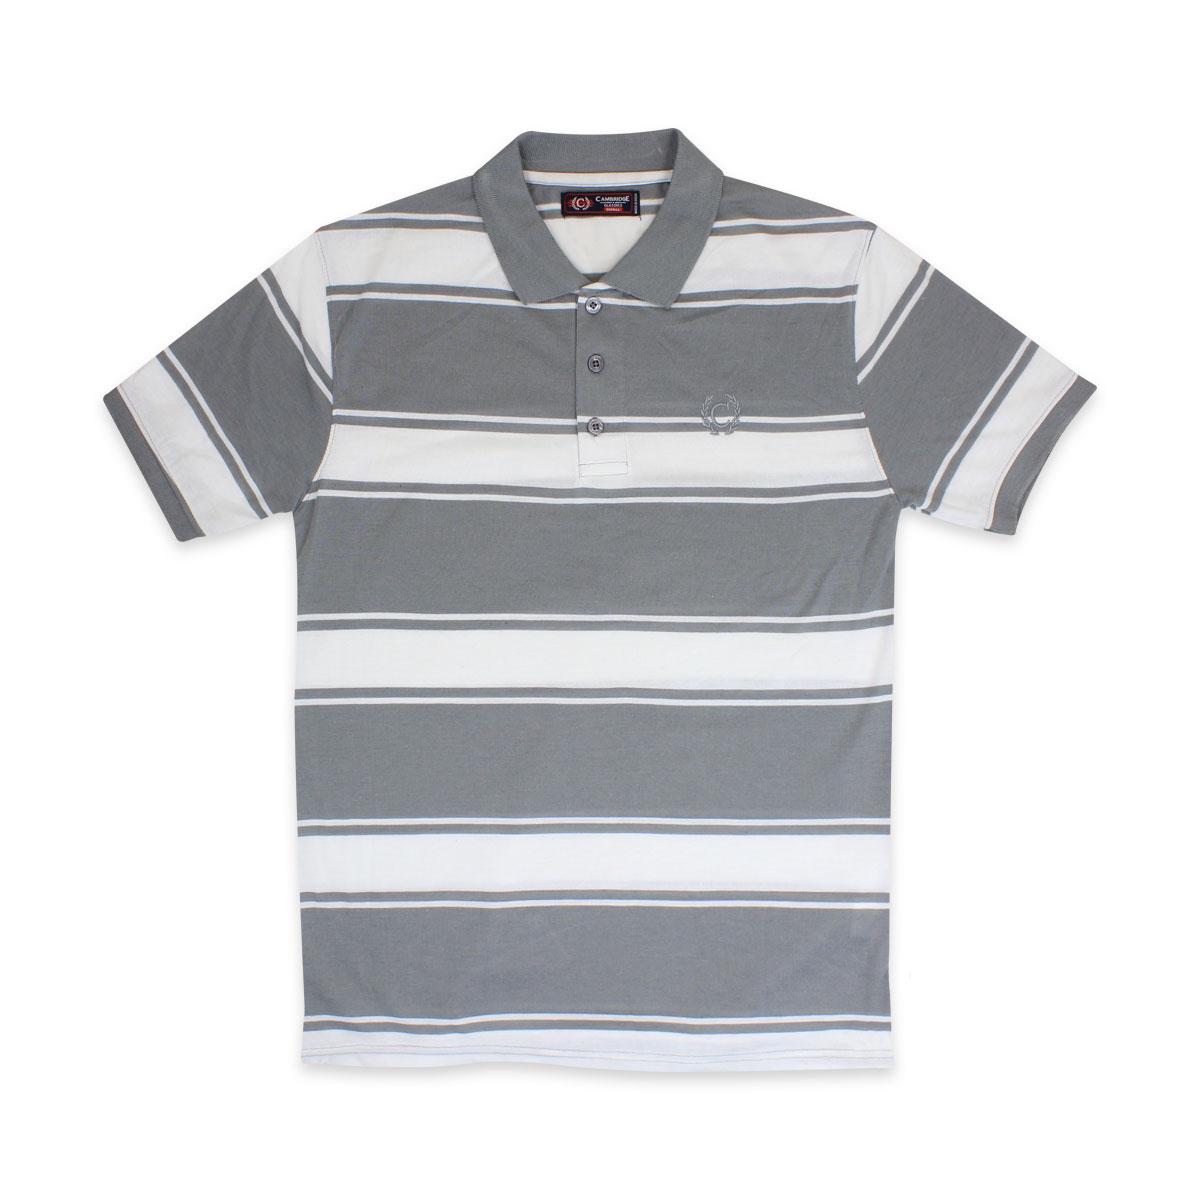 Camisas-Polo-Para-Hombre-A-Rayas-Pique-Con-Cuello-camiseta-Camiseta-Manga-Corta-De-Verano-S-M-L-XL miniatura 61